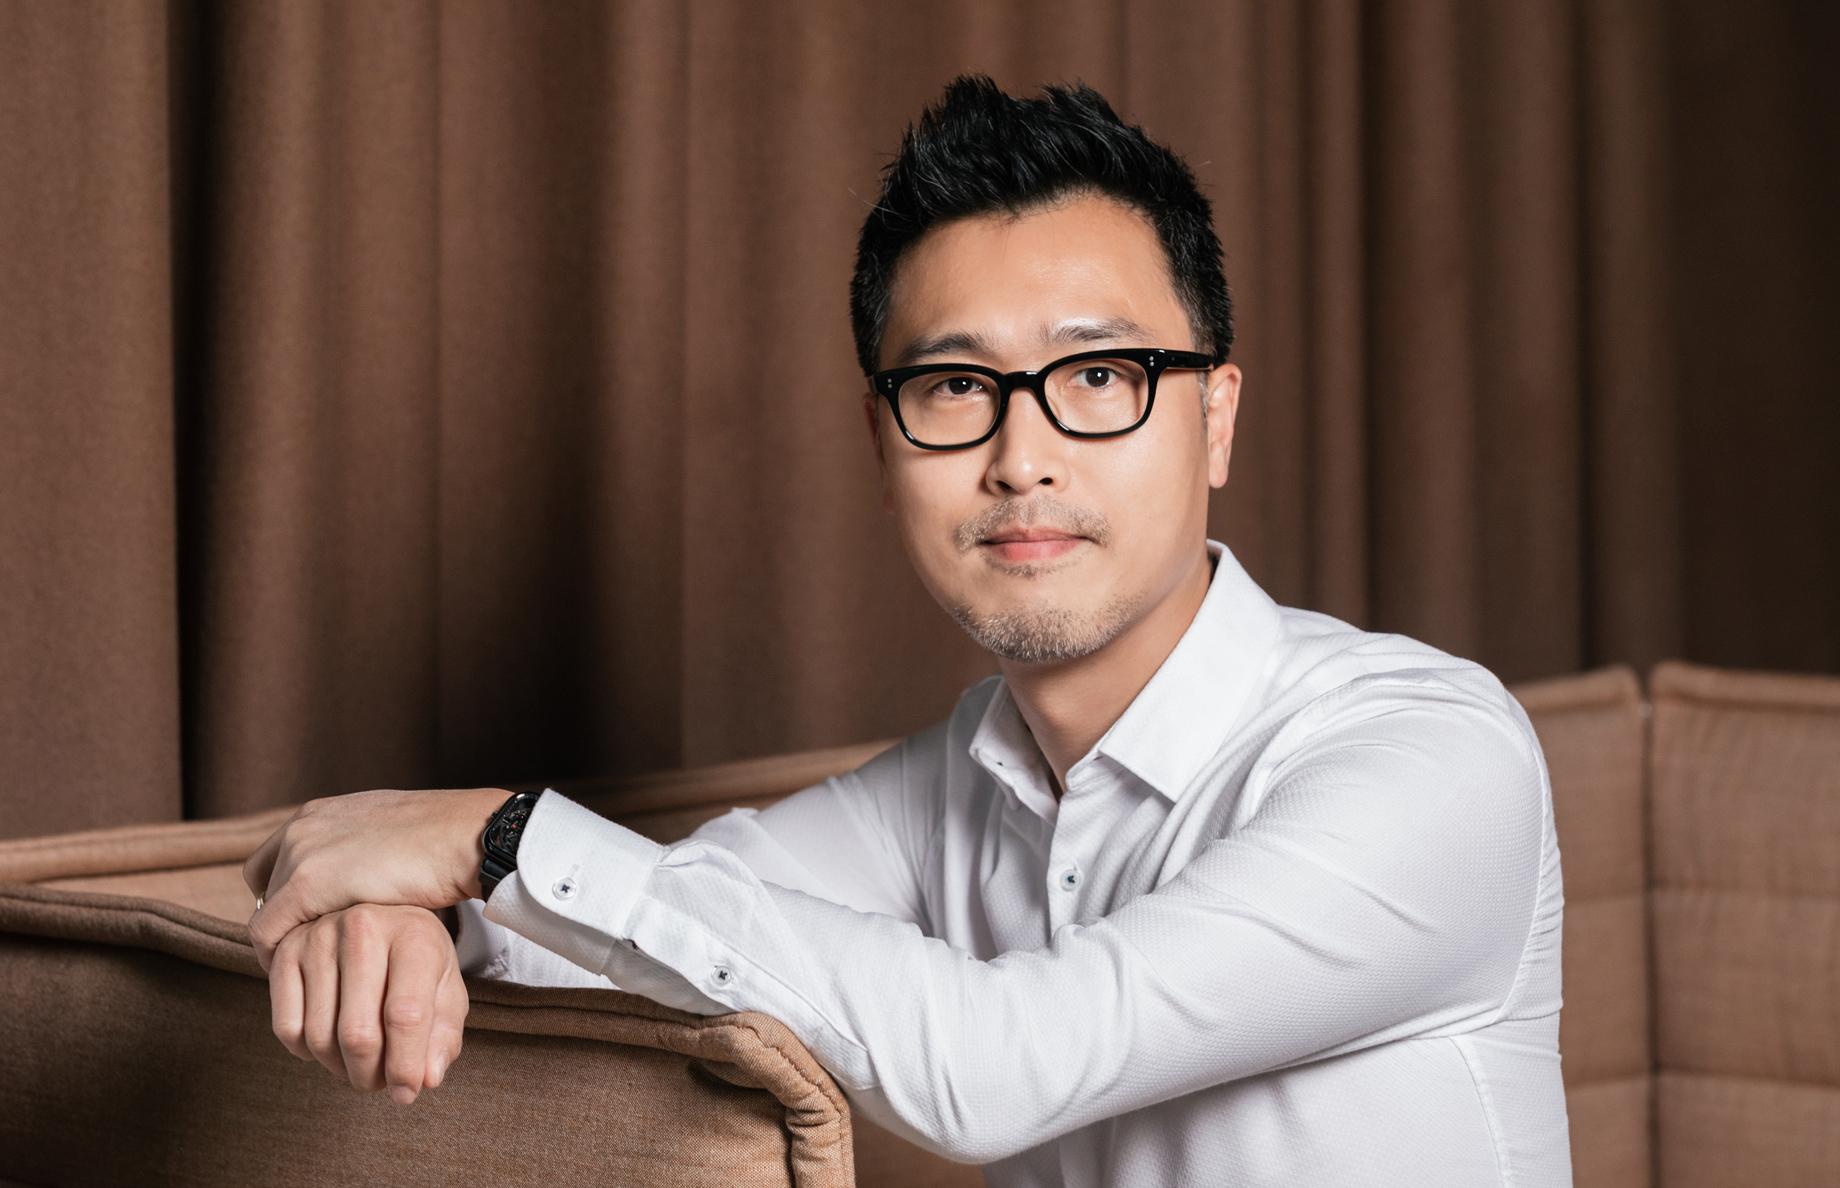 Компания Kia Motors обзавелась новым вице-президентом по дизайну